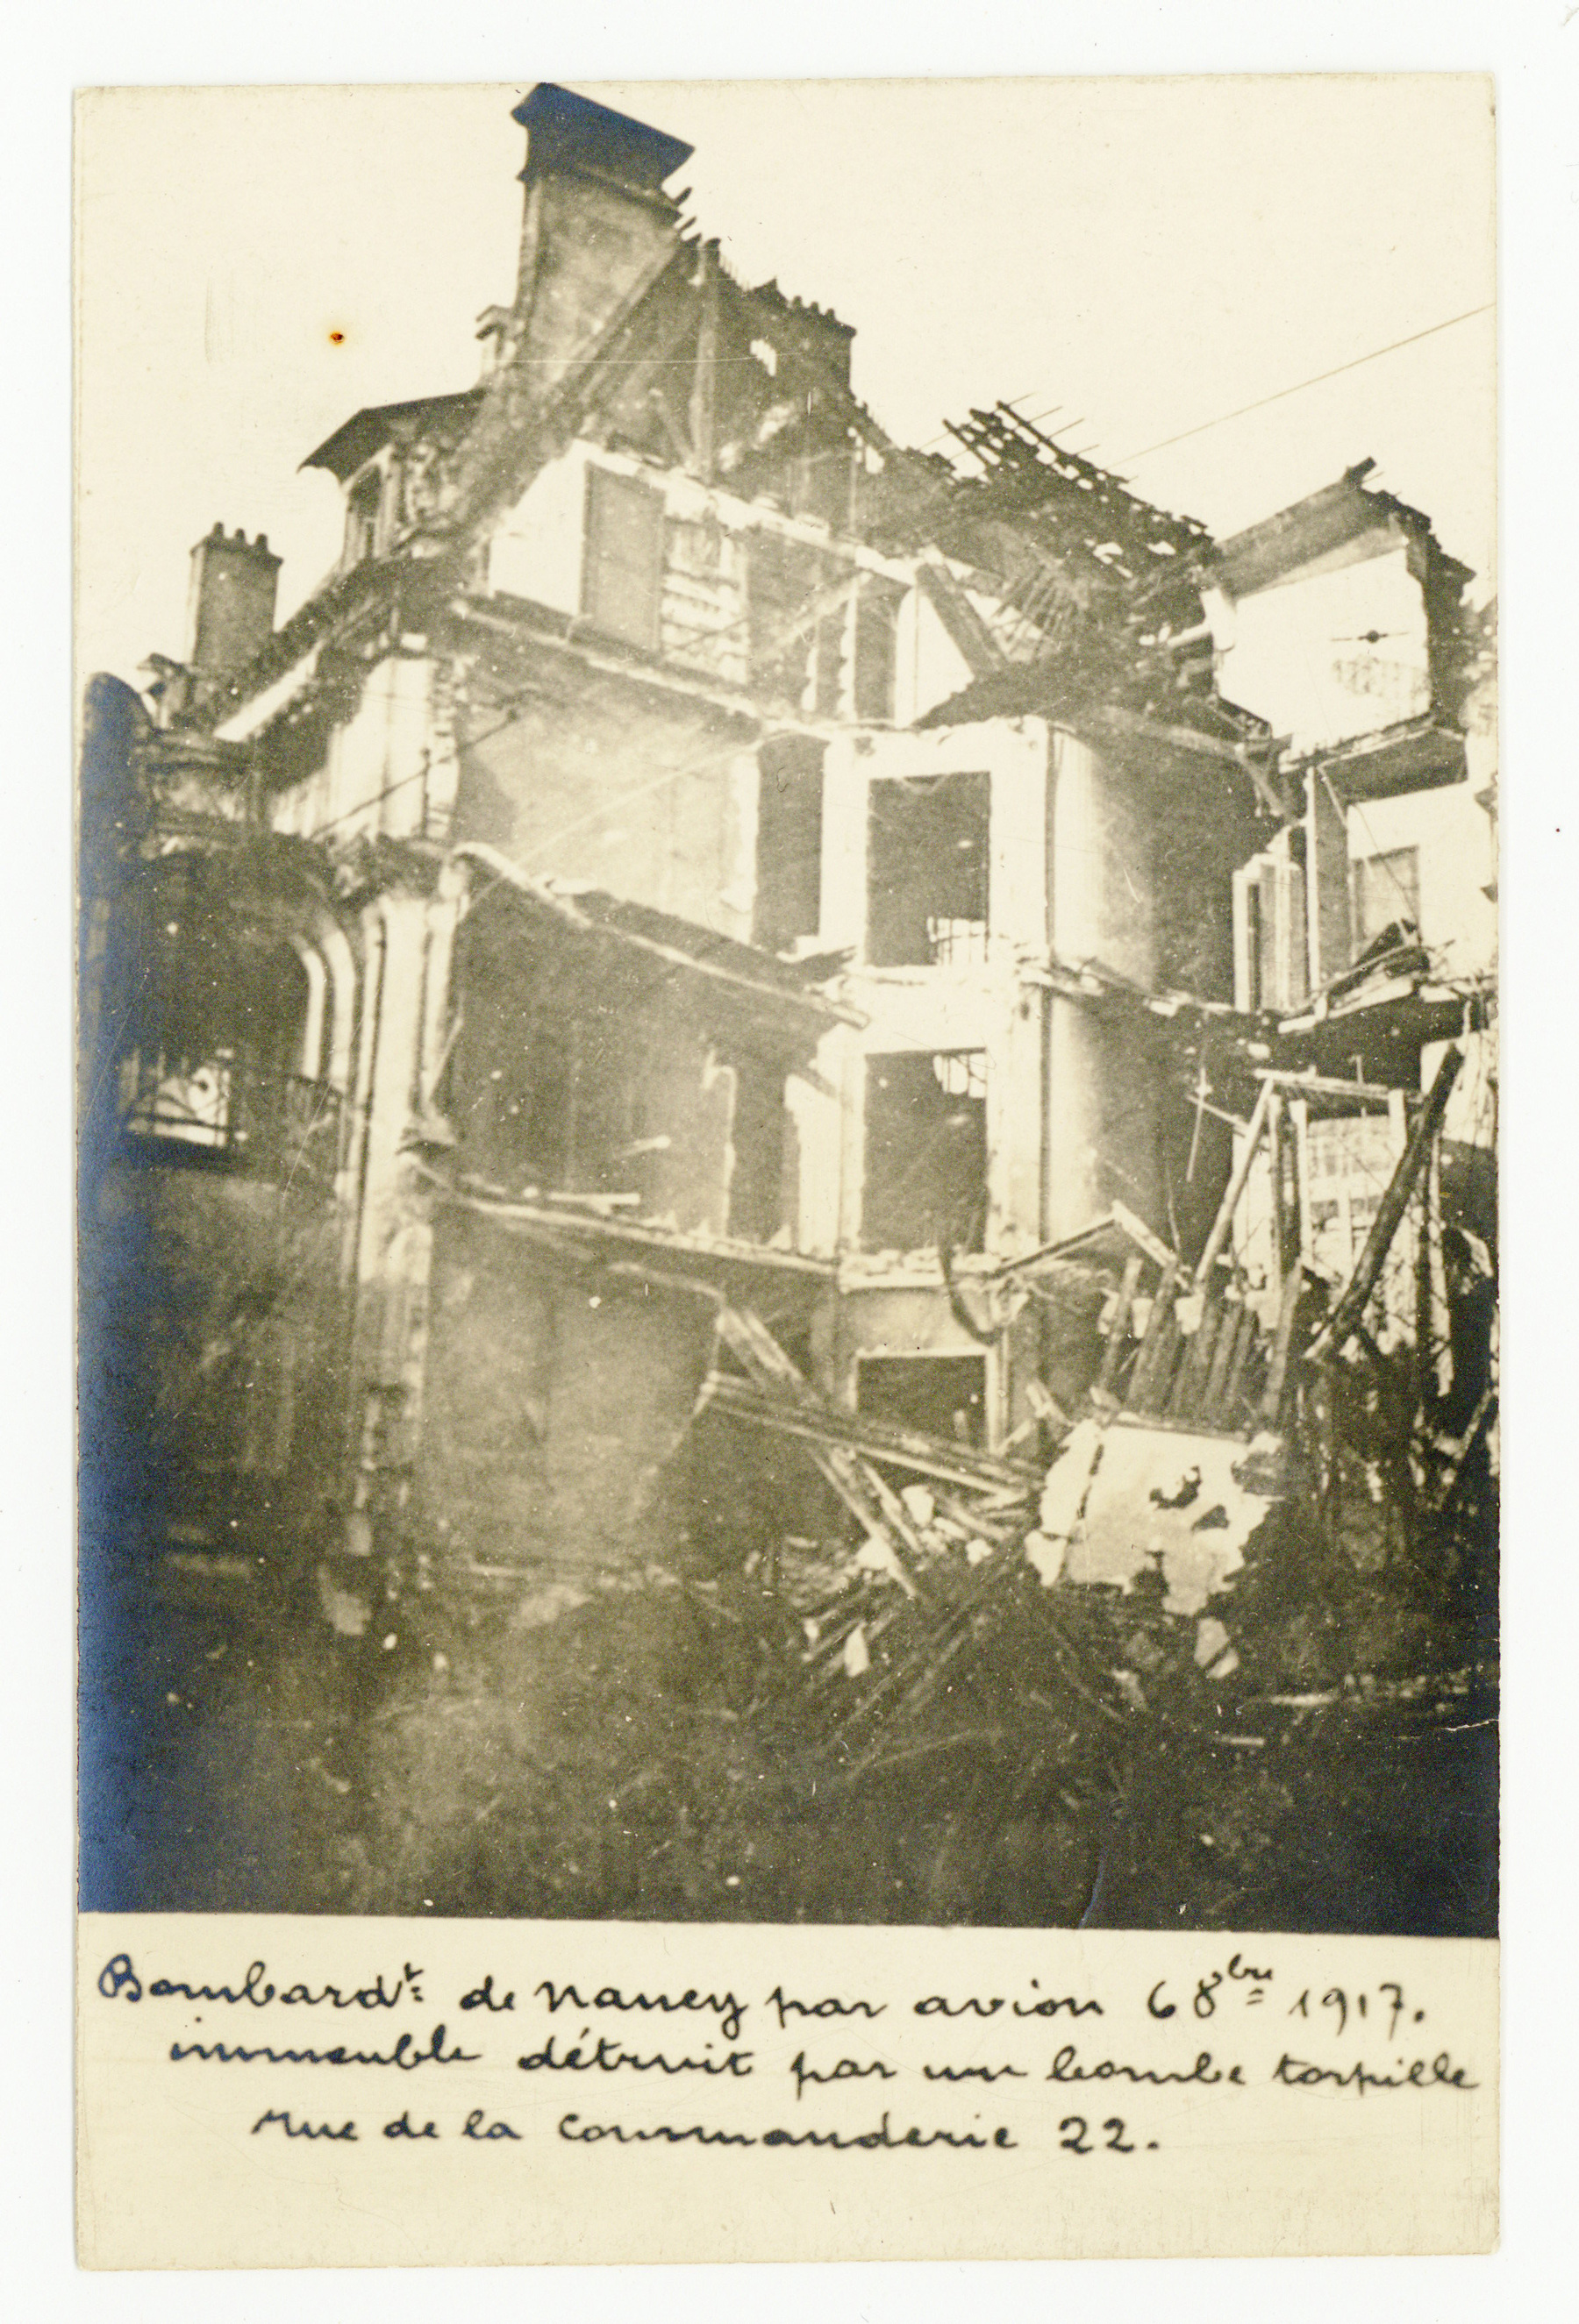 Contenu du Bombardement d'octobre 1917, rue de la Commanderie.